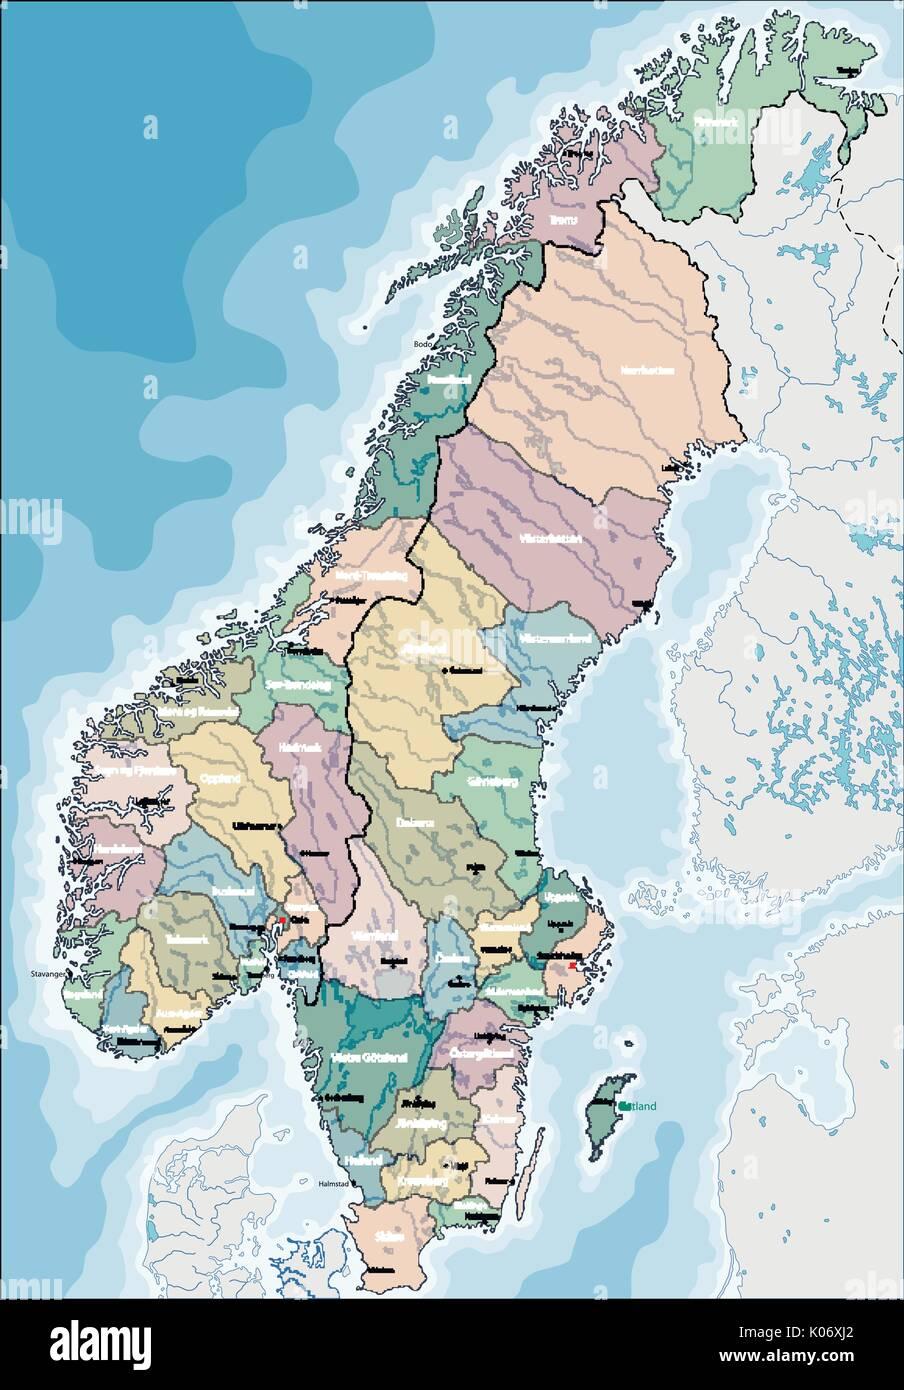 Karte Norwegen Schweden.Karte Von Norwegen Und Schweden Vektor Abbildung Bild 155045914